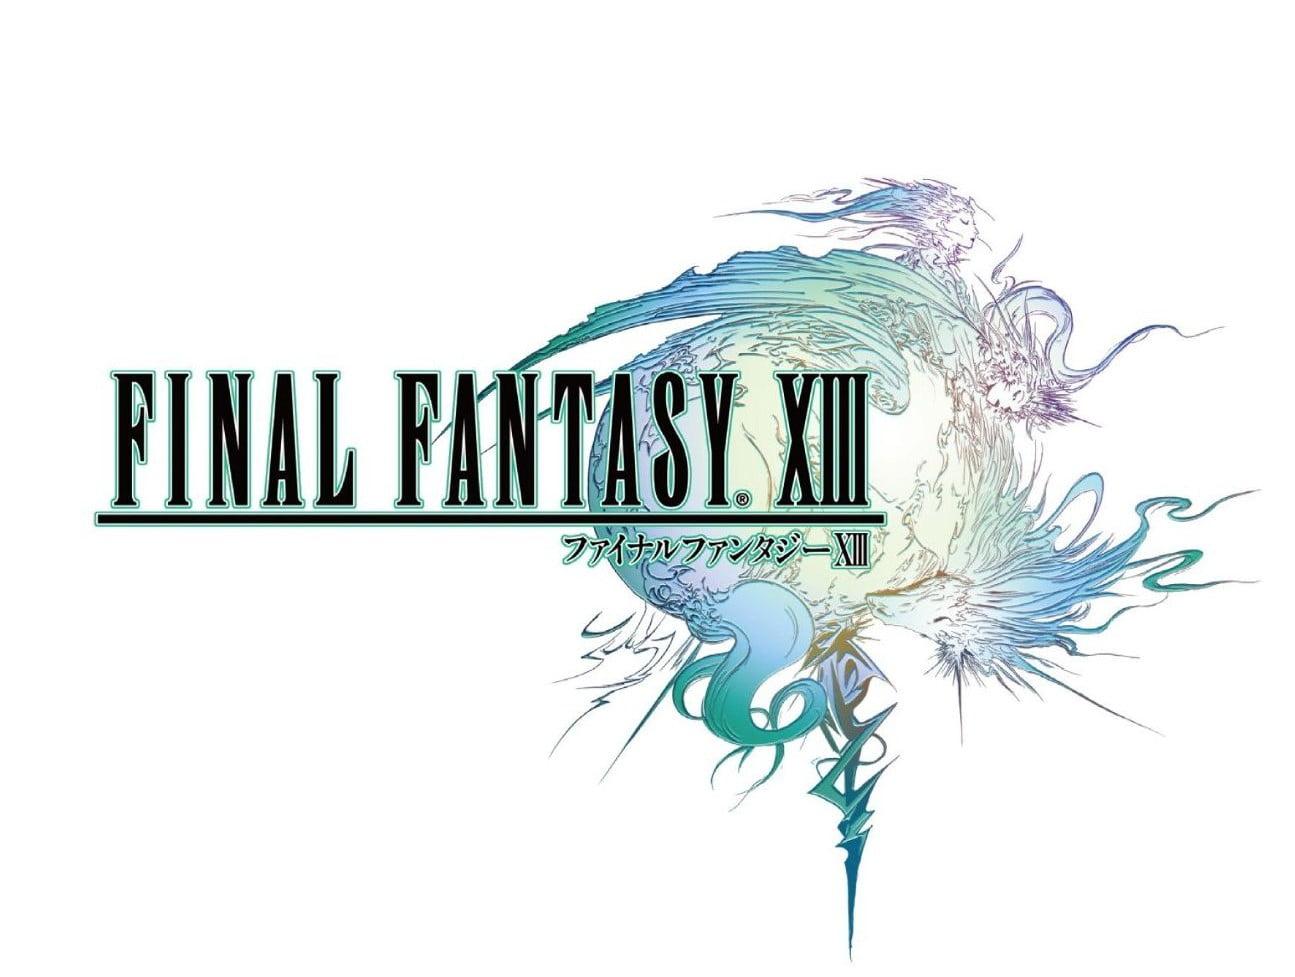 FF13 【ファイナルファンタジー13】目次